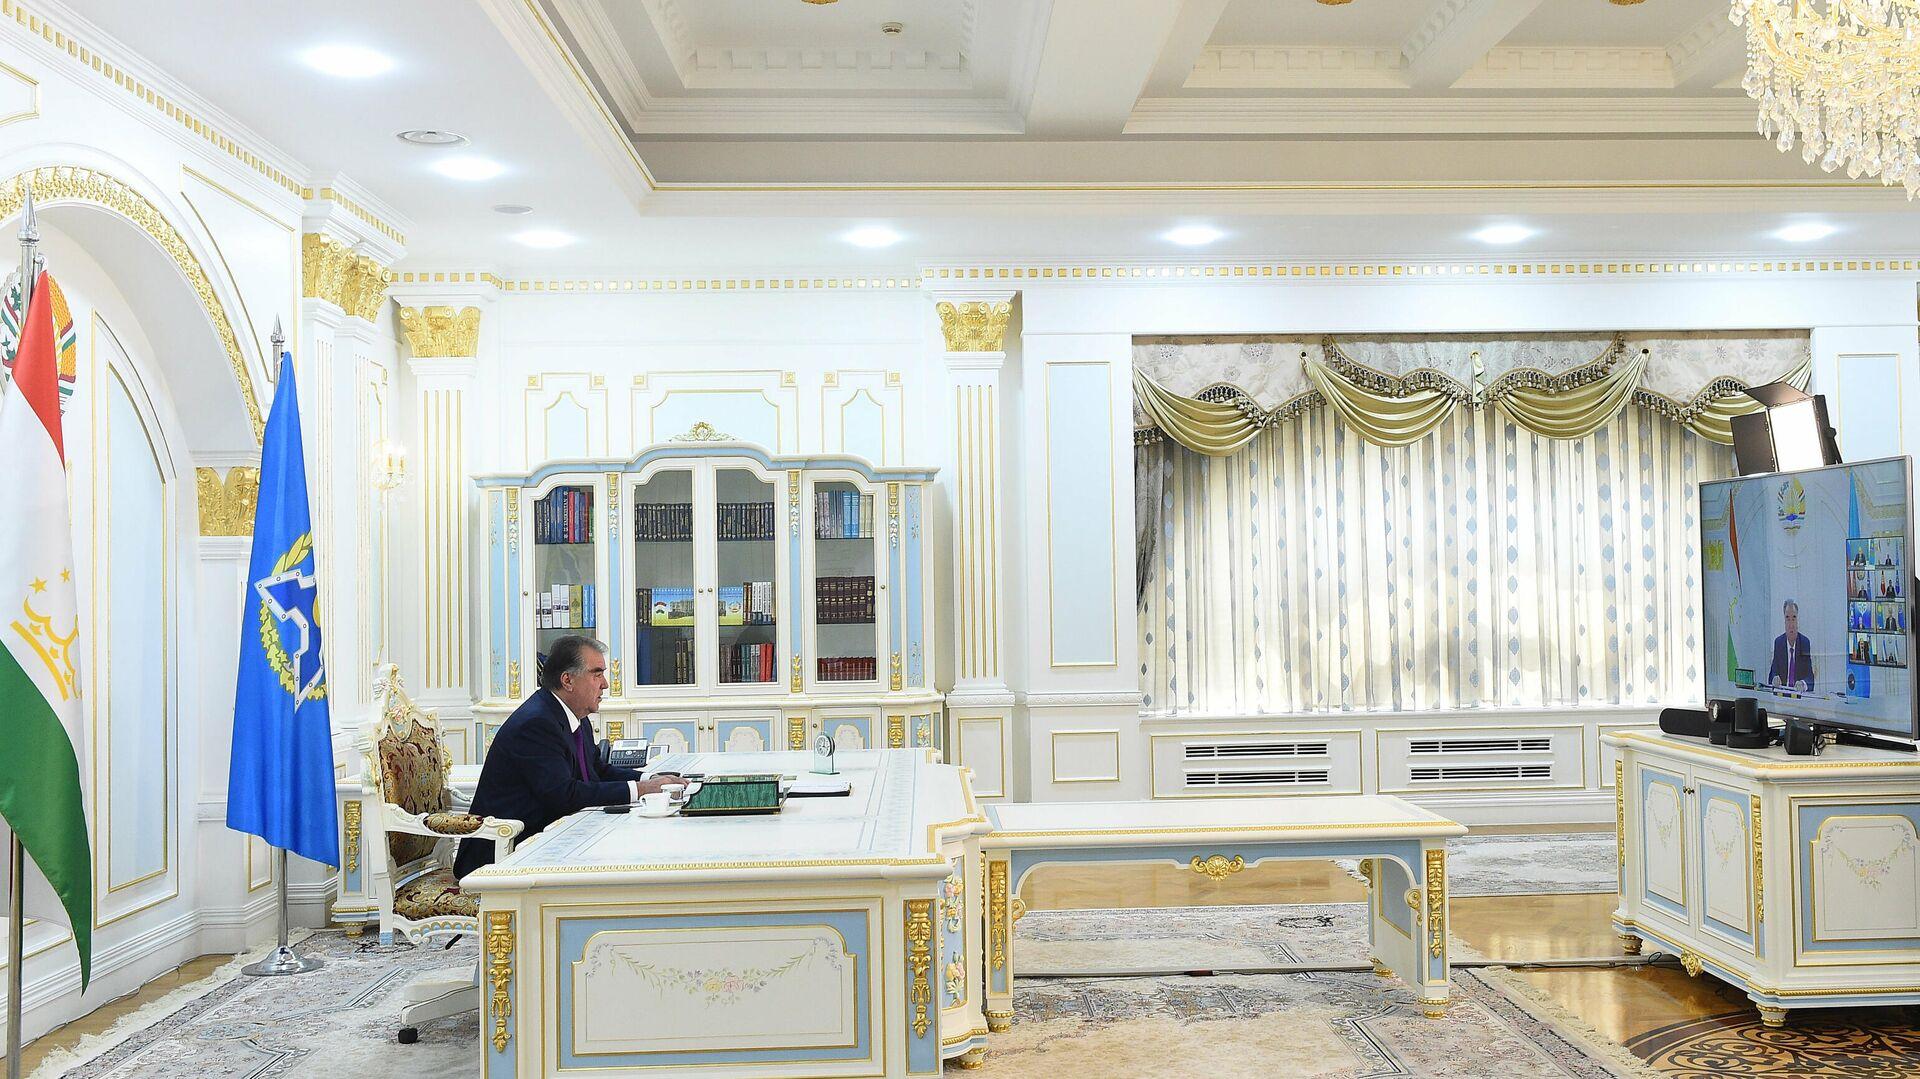 Эмомали Рахмон принял участие во внеочередной сессии Совета коллективной безопасности ОДКБ - Sputnik Тоҷикистон, 1920, 23.08.2021